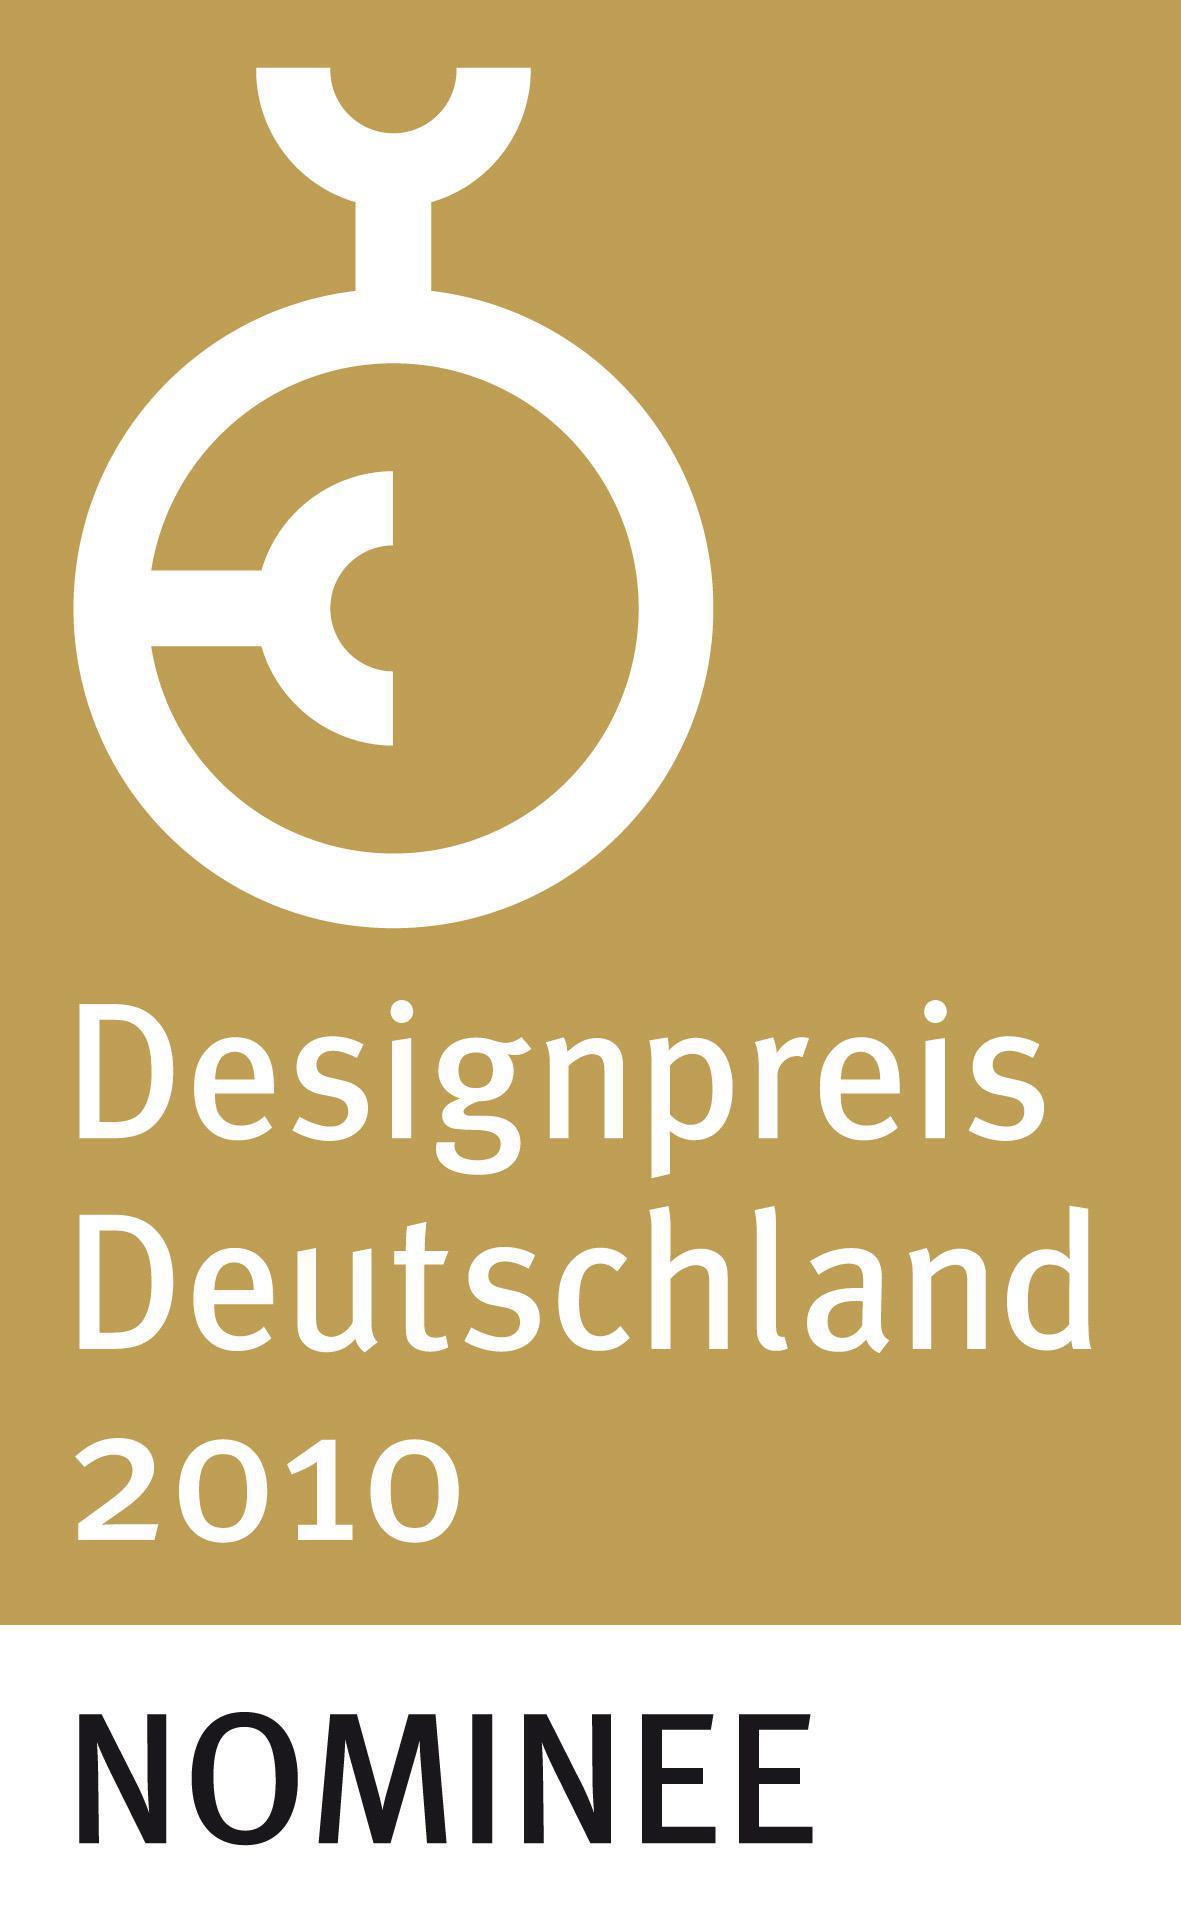 Designpreis Deutschland 2010 Nominee (DE)